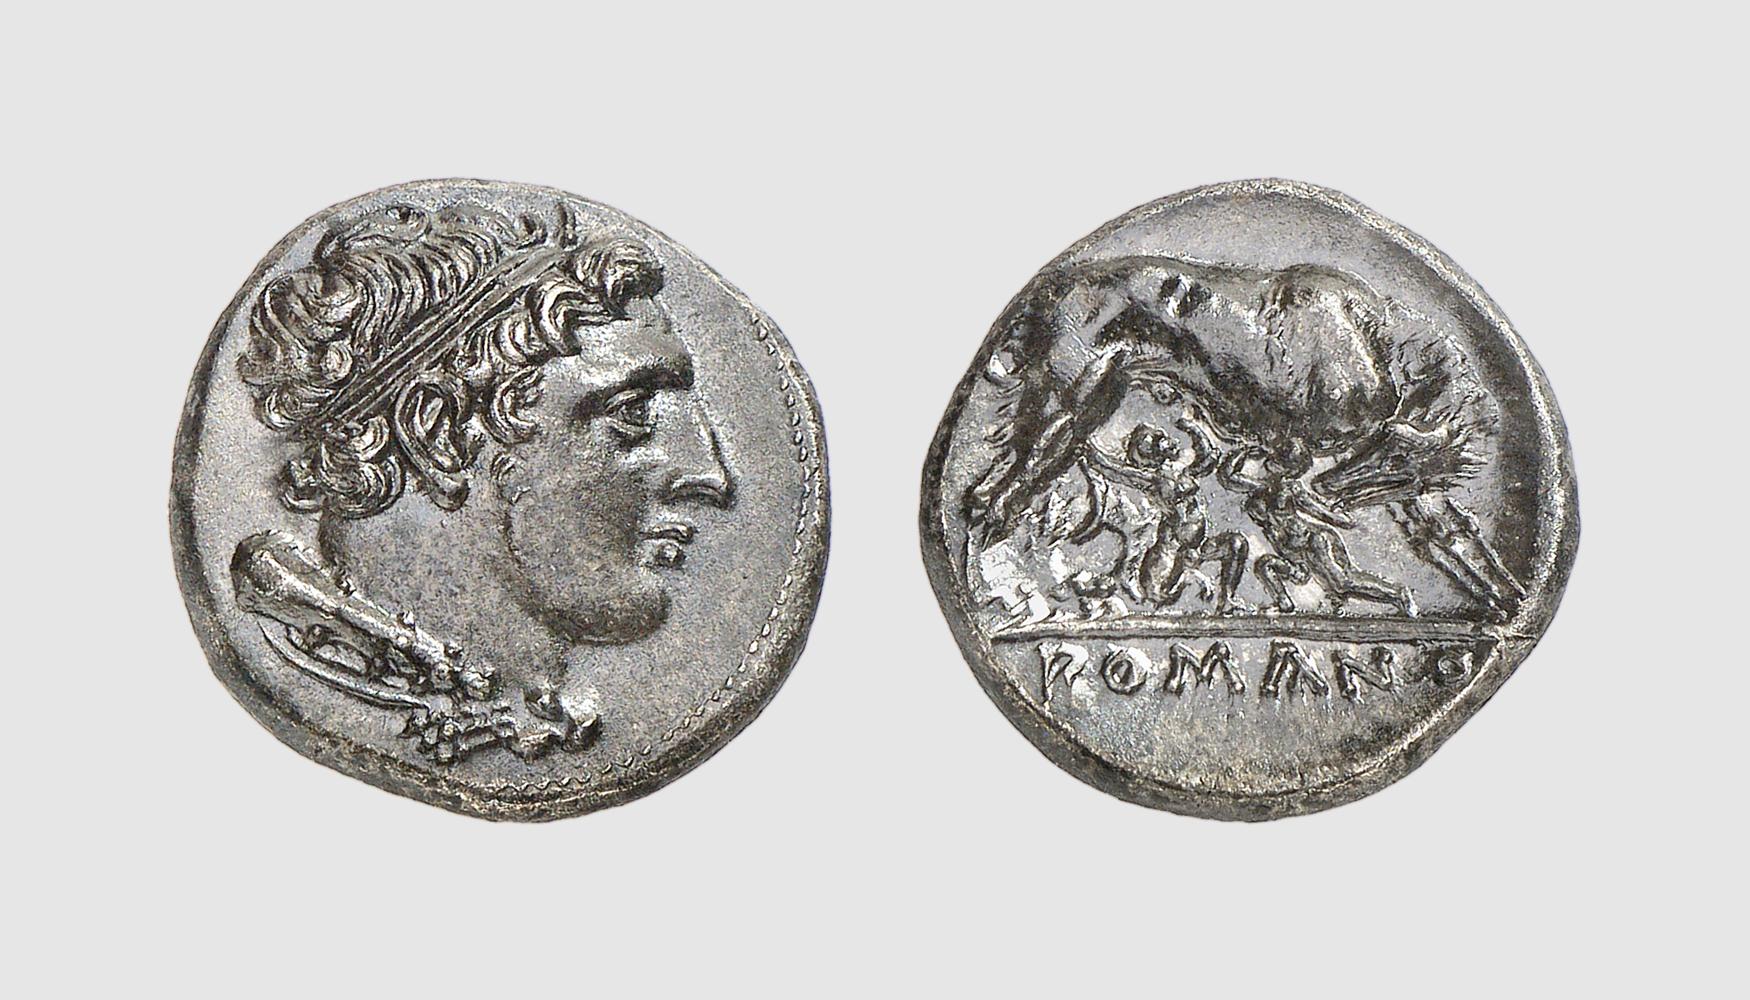 czytanie i datowanie rzymskich monet cesarskichwiśniowe kwiaty serwis randkowy online